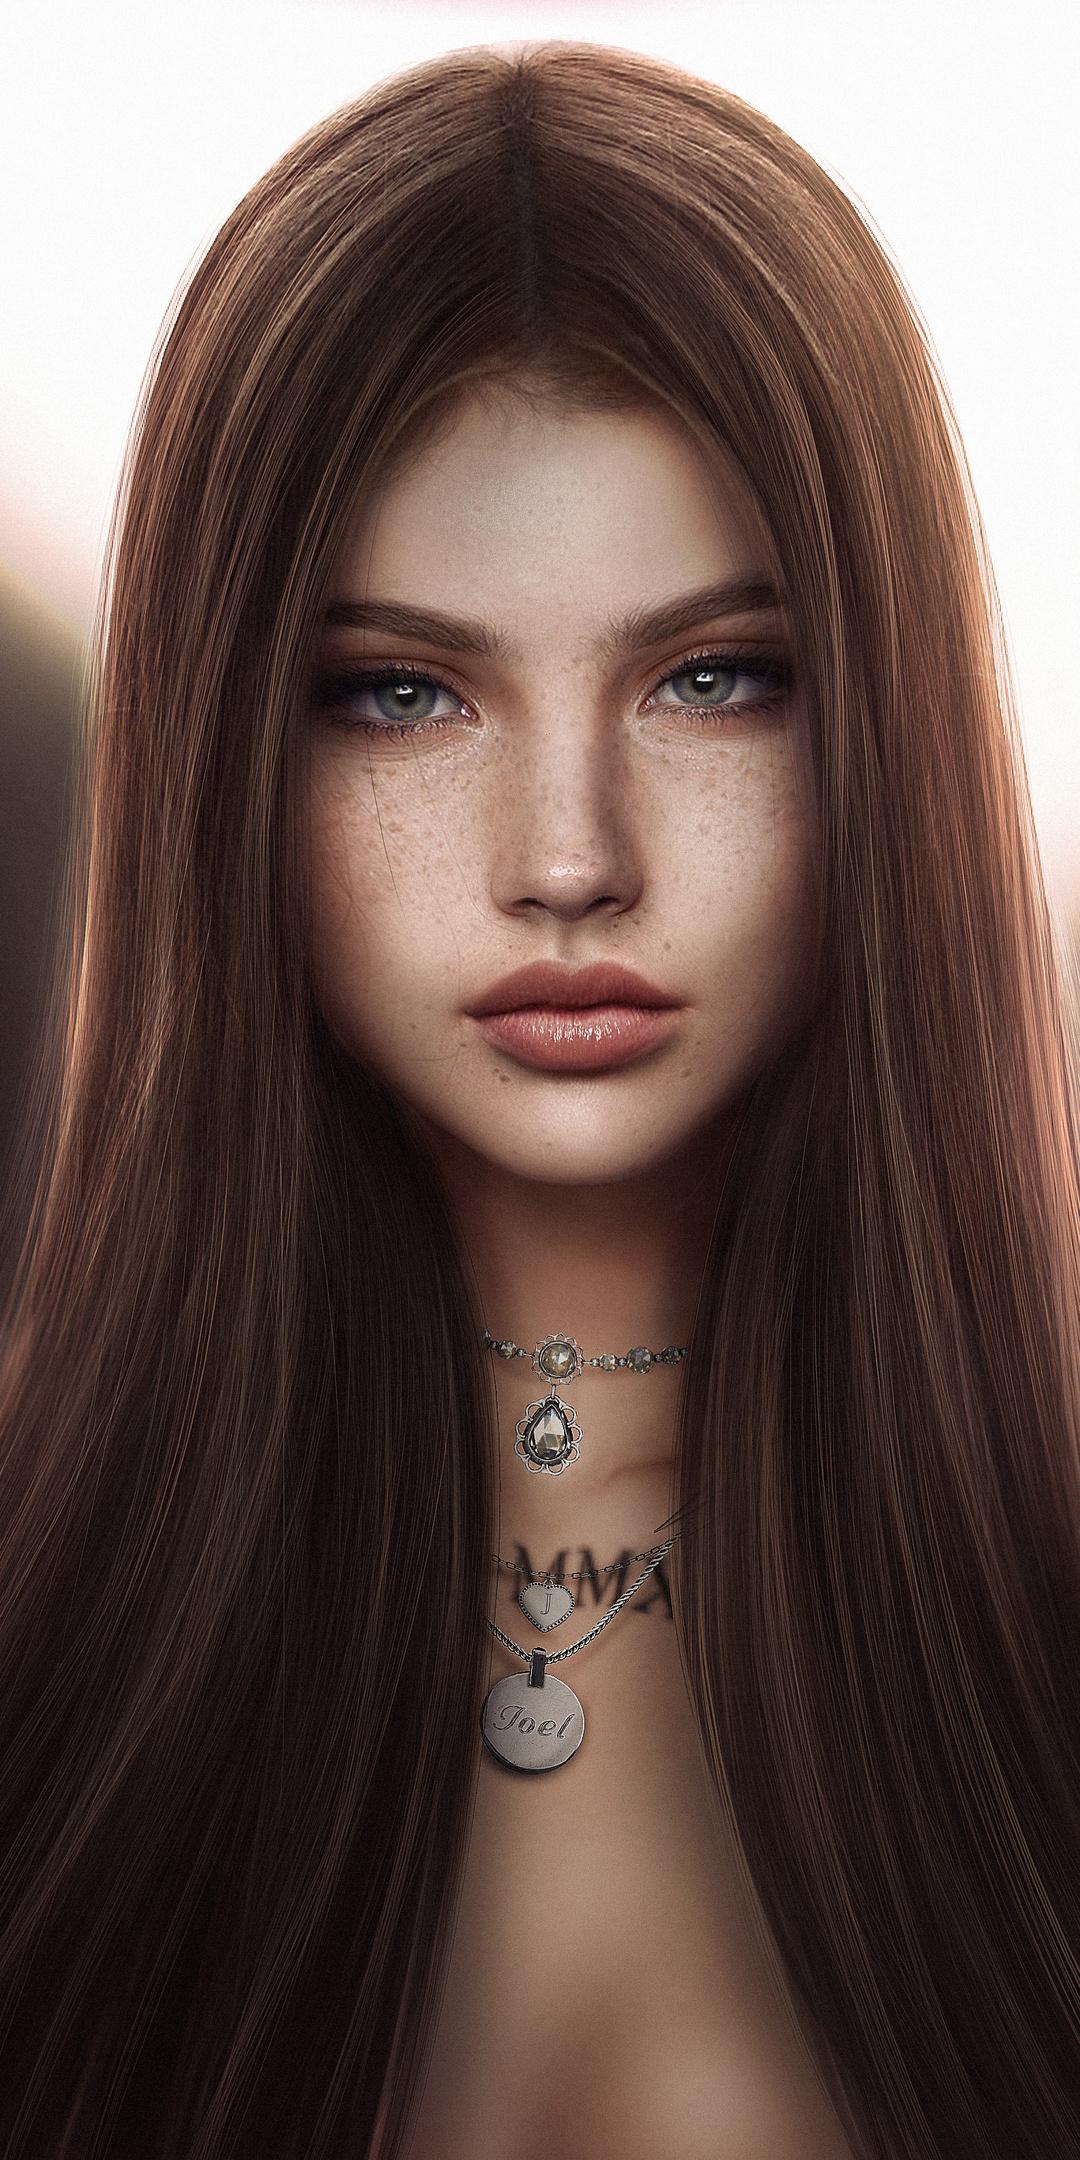 brown-silky-hair-fantasy-girl-5k-wa.jpg